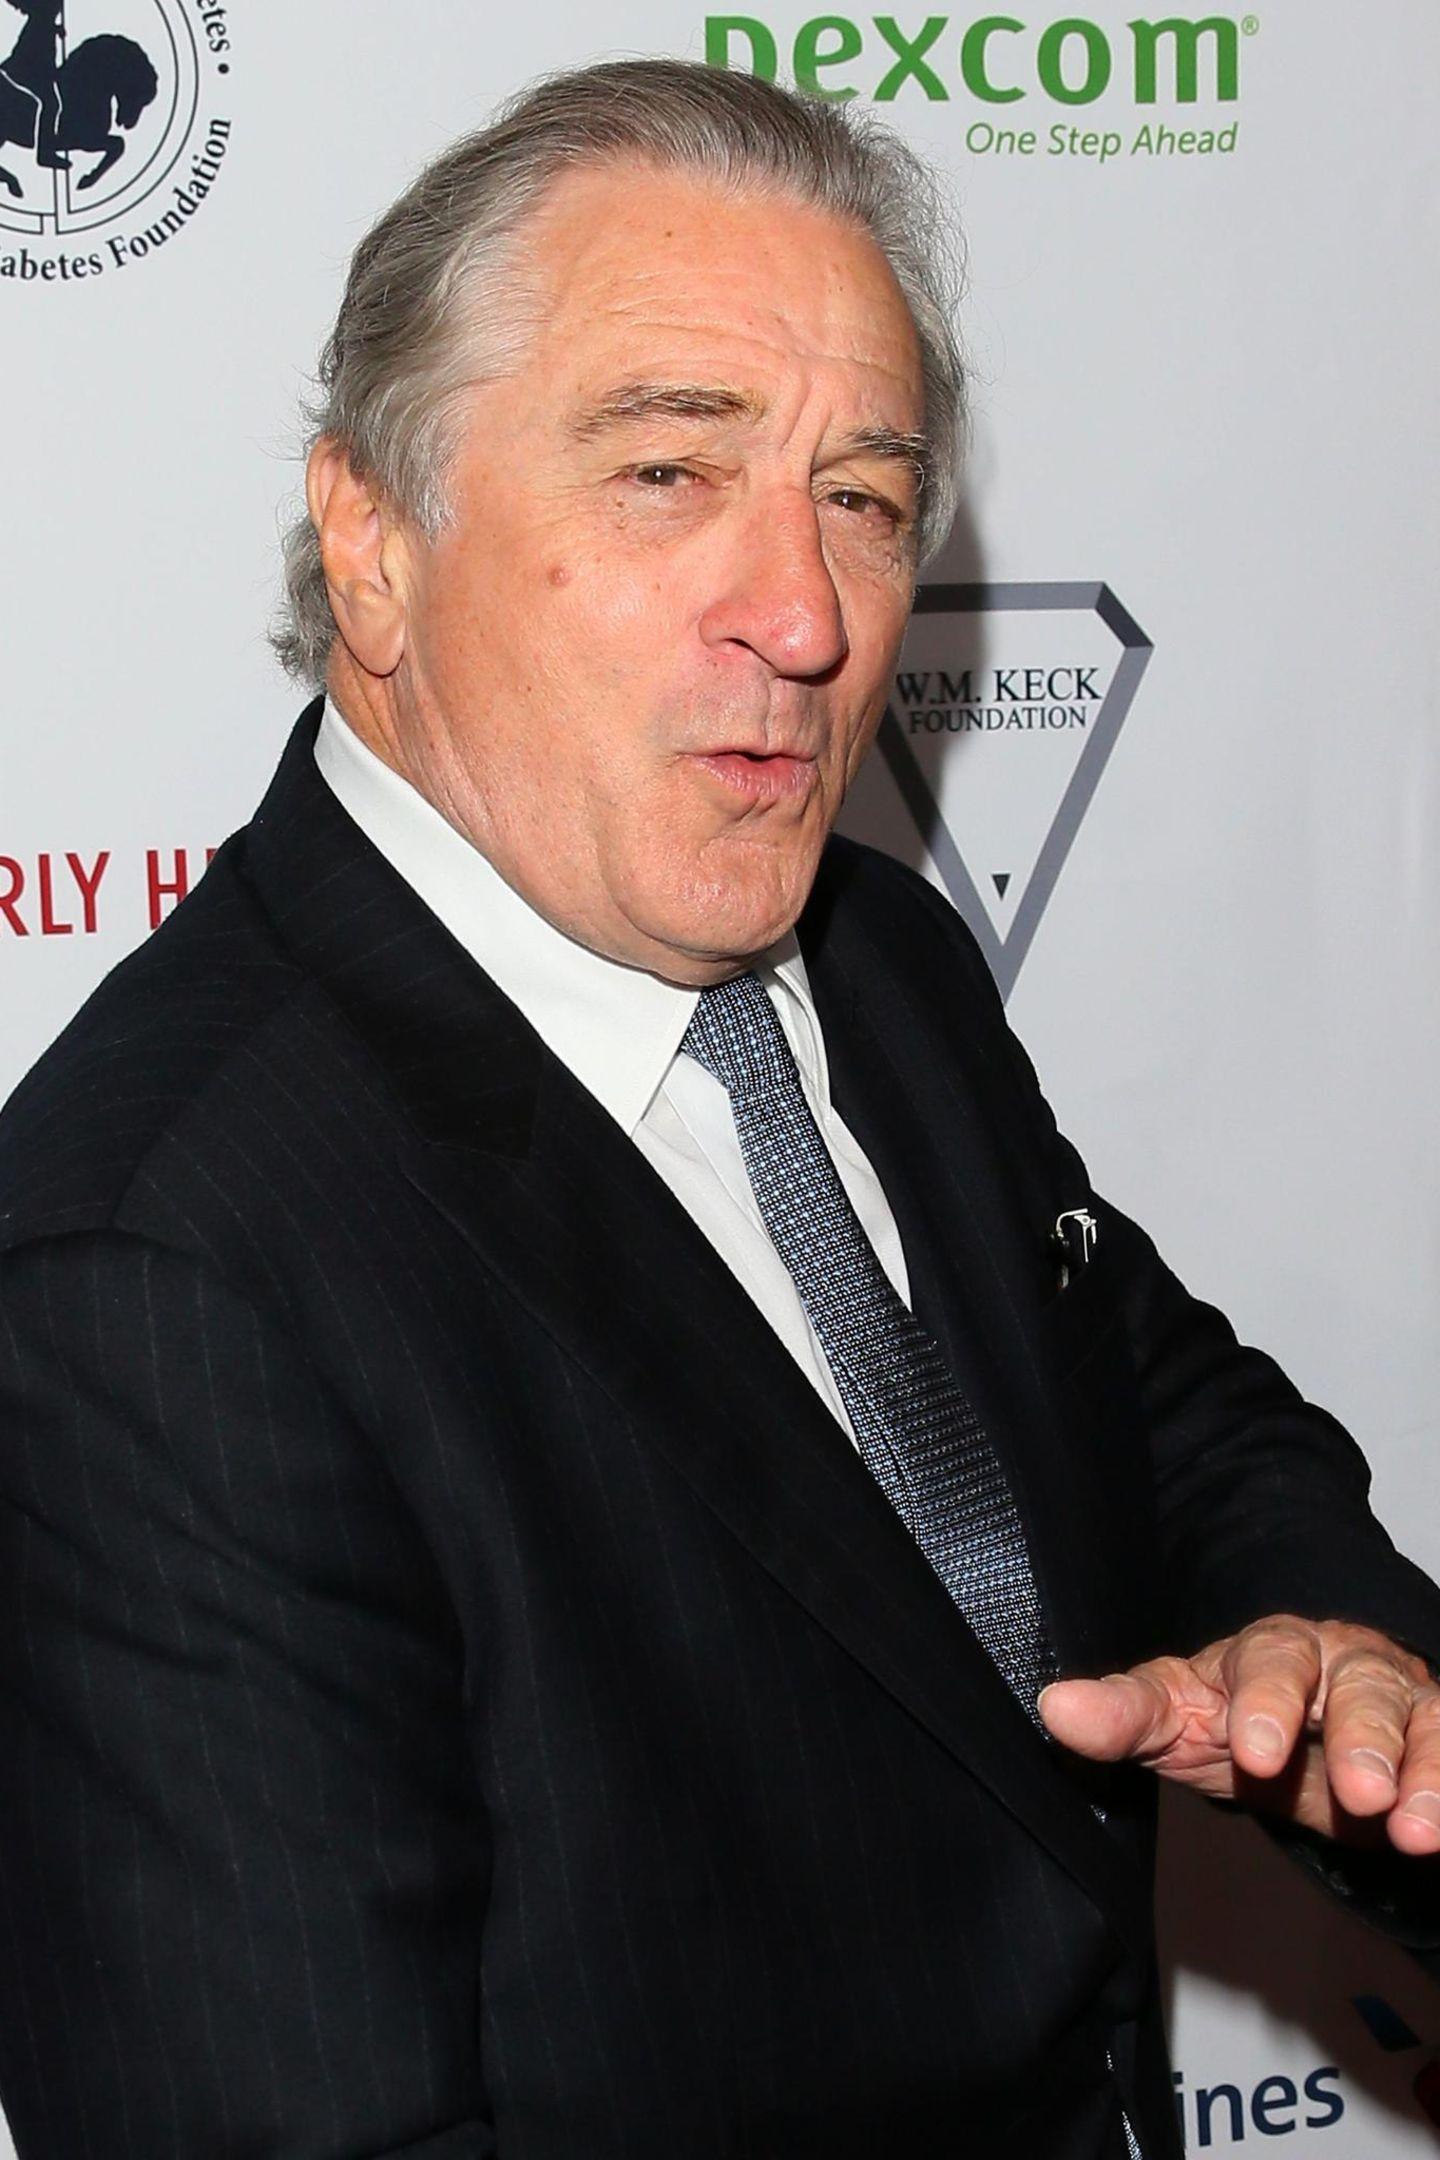 Robert De Niro  Der Oscarpreisträger gehört ebenfalls in die Riege der Alt-Väter. Dank einer Ersatzmutter können sichder damals 68-jährige Schauspieler und seine mittlerweile Ex-Frau Grace Hightower im Jahr 2011 über Töchterchen Helen Grace freuen.